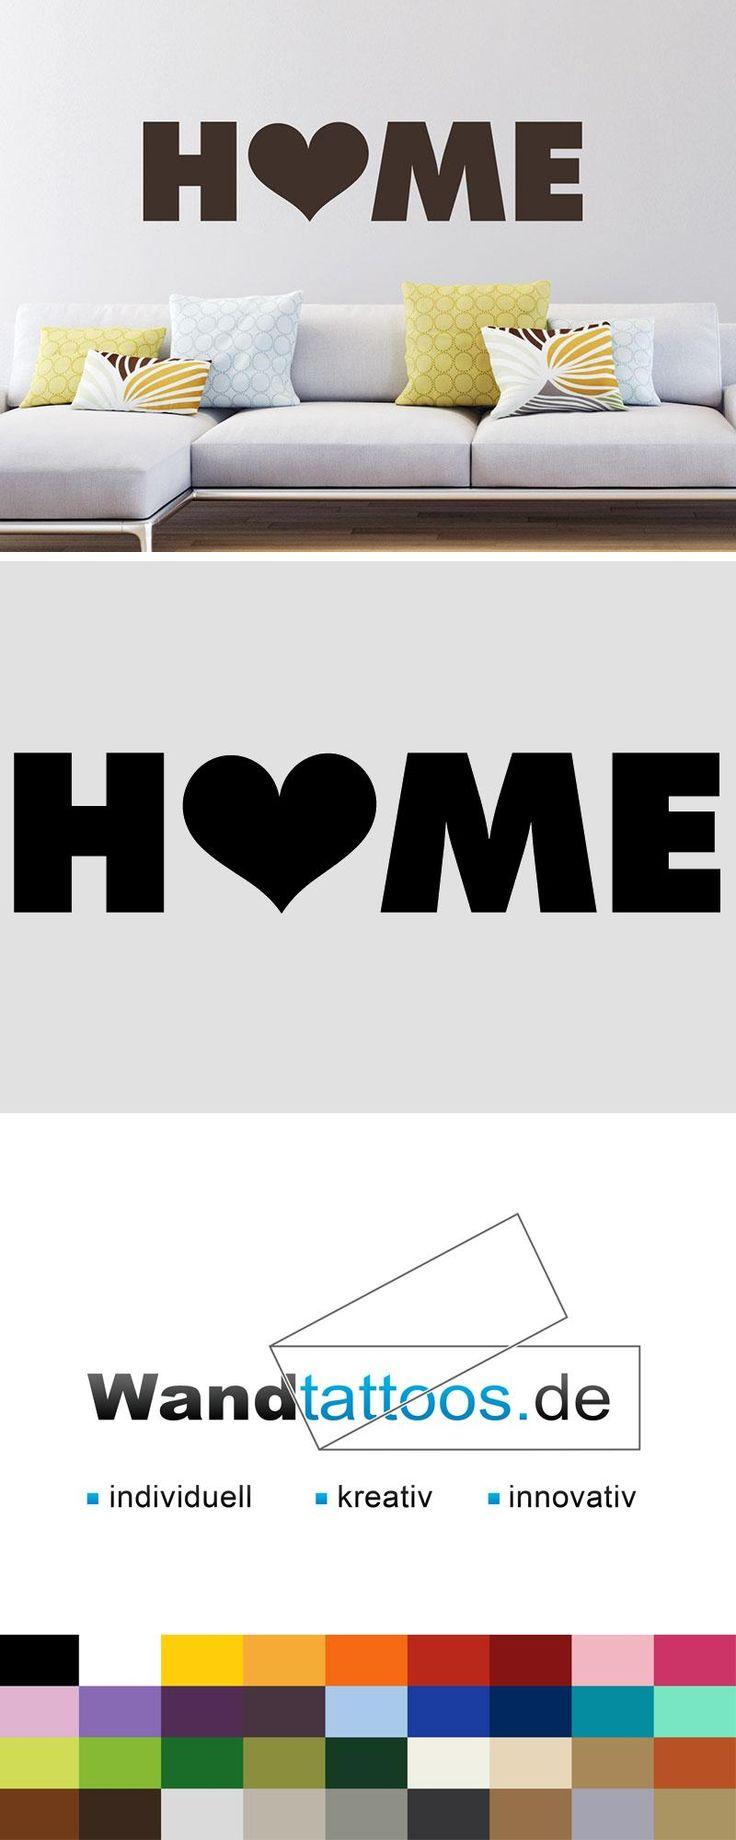 Wandtattoo Home mit Herz als Idee zur individuellen Wandgestaltung. Einfach Lieblingsfarbe und Größe auswählen. Weitere kreative Anregungen von Wandtattoos.de hier entdecken!